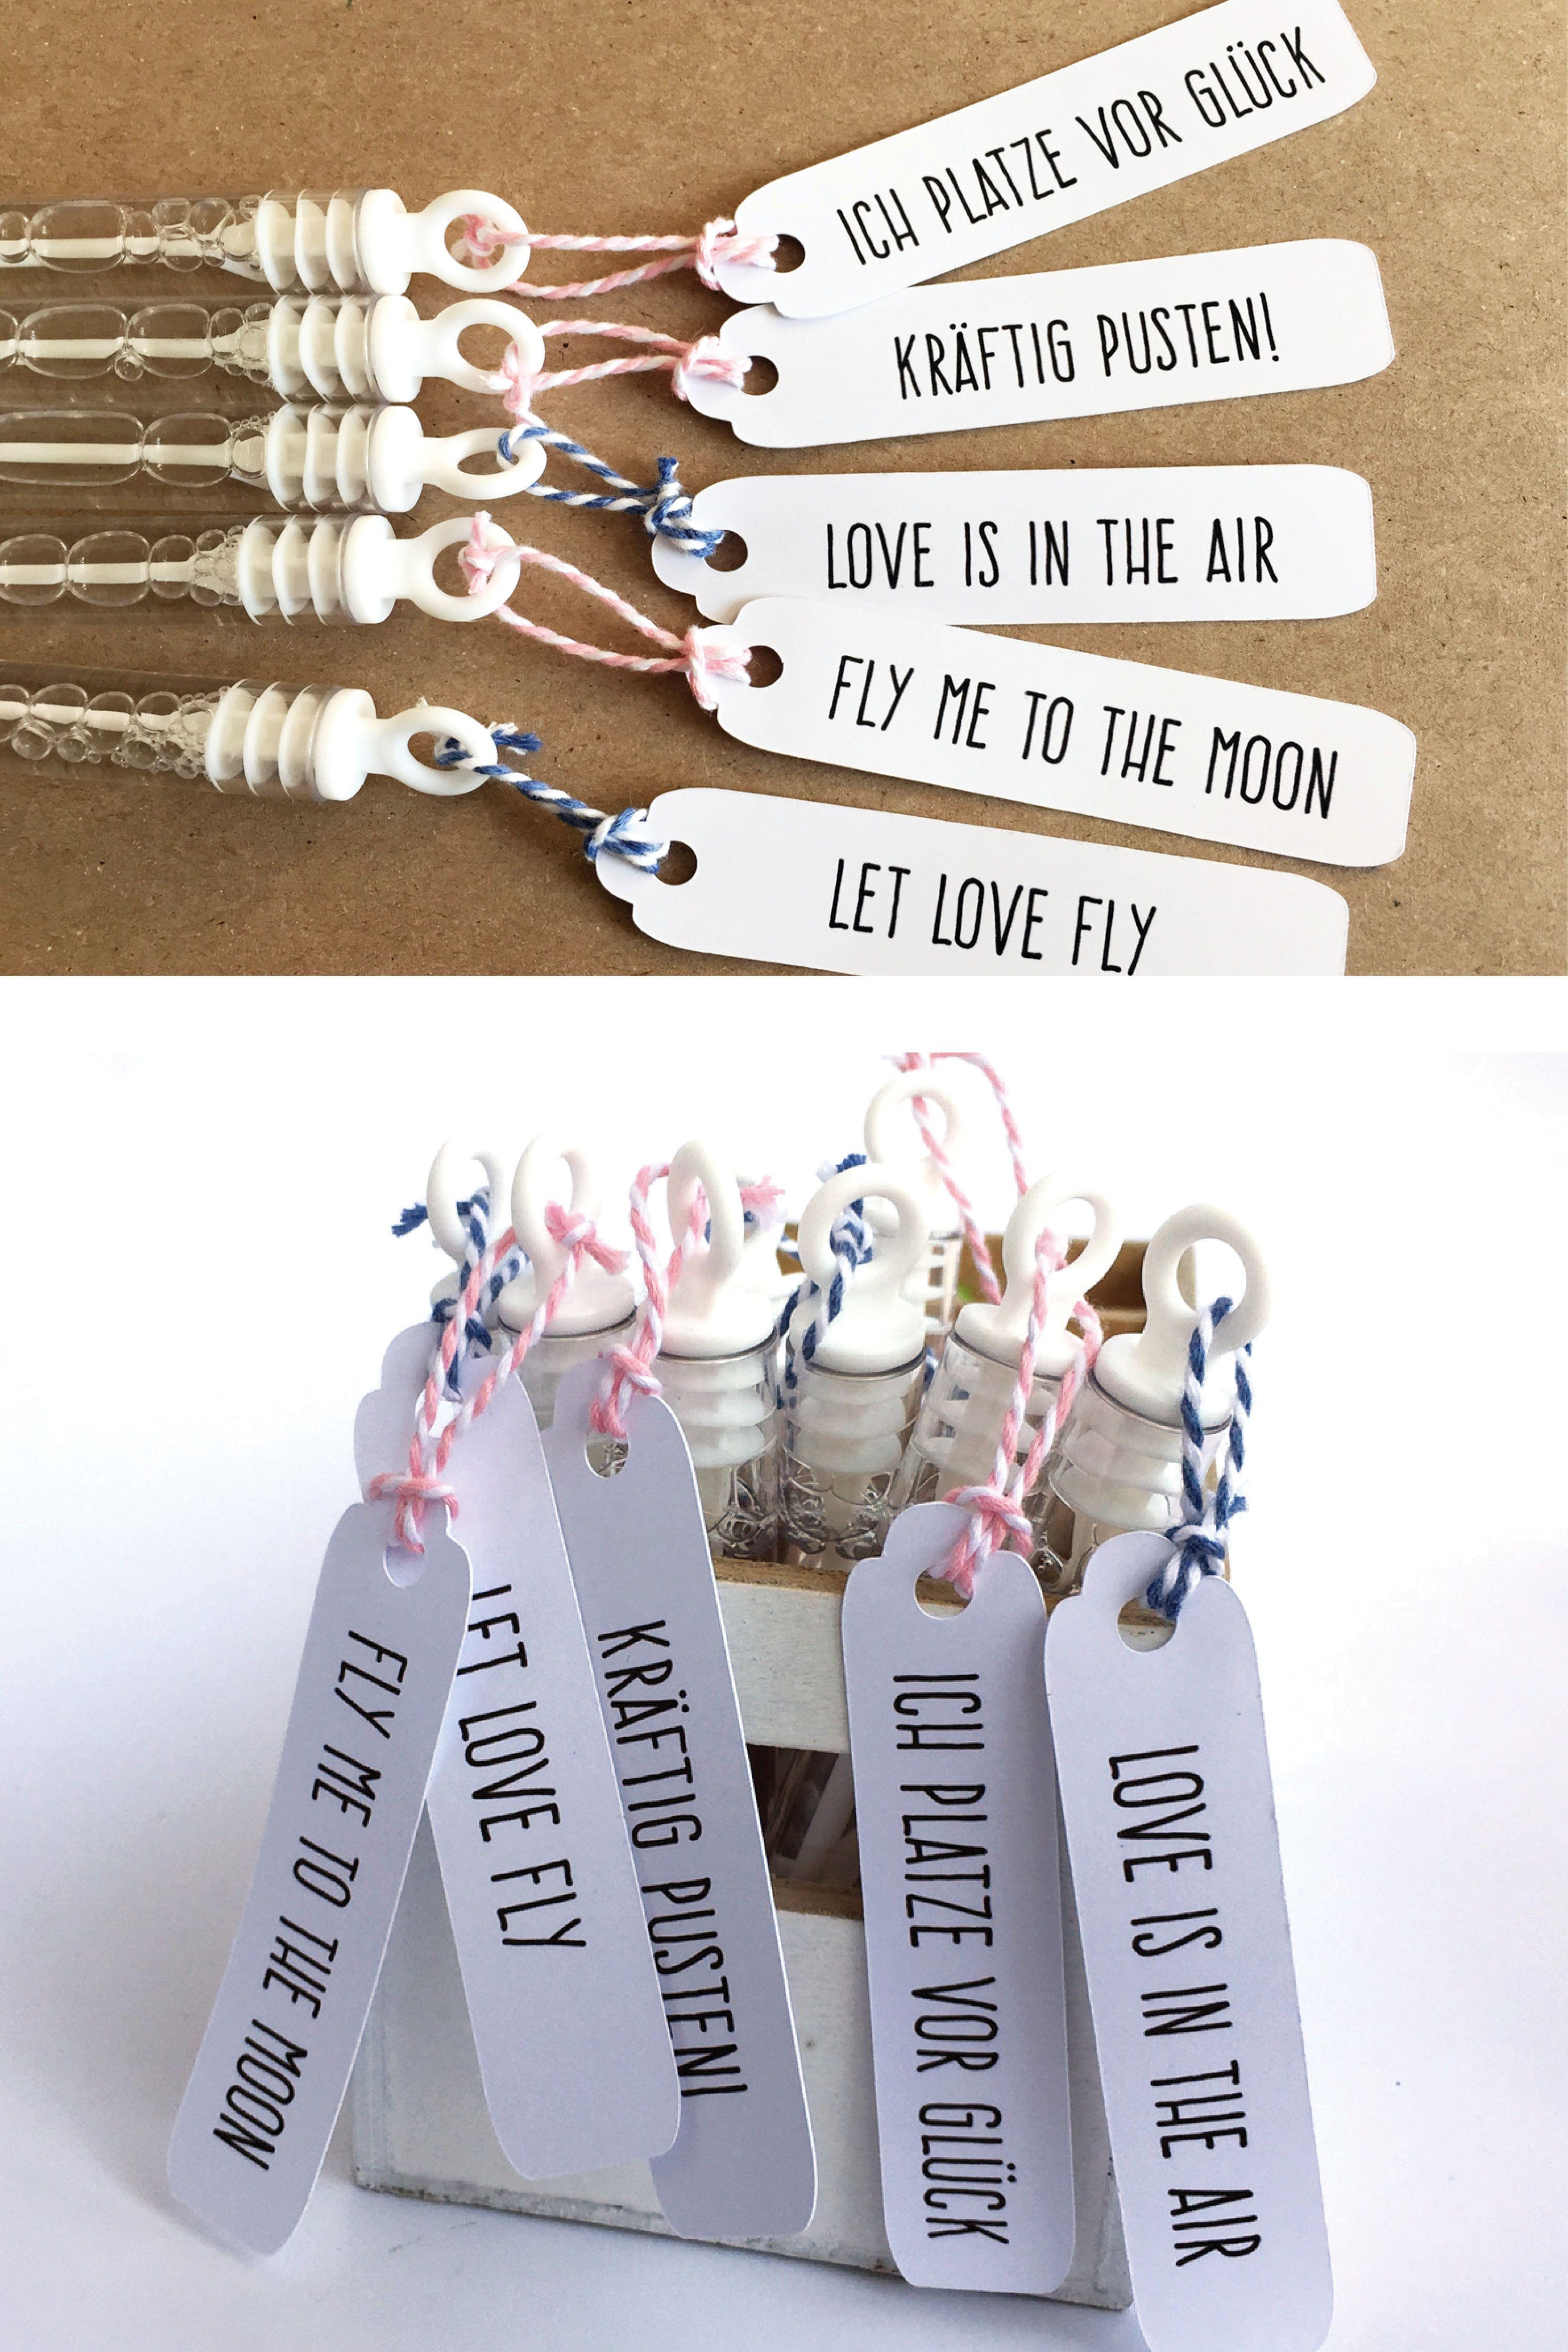 20 Seifenblasen mit Etiketten fr die Hochzeit  Hochzeit  Pinterest  DIY geschenke hochzeit